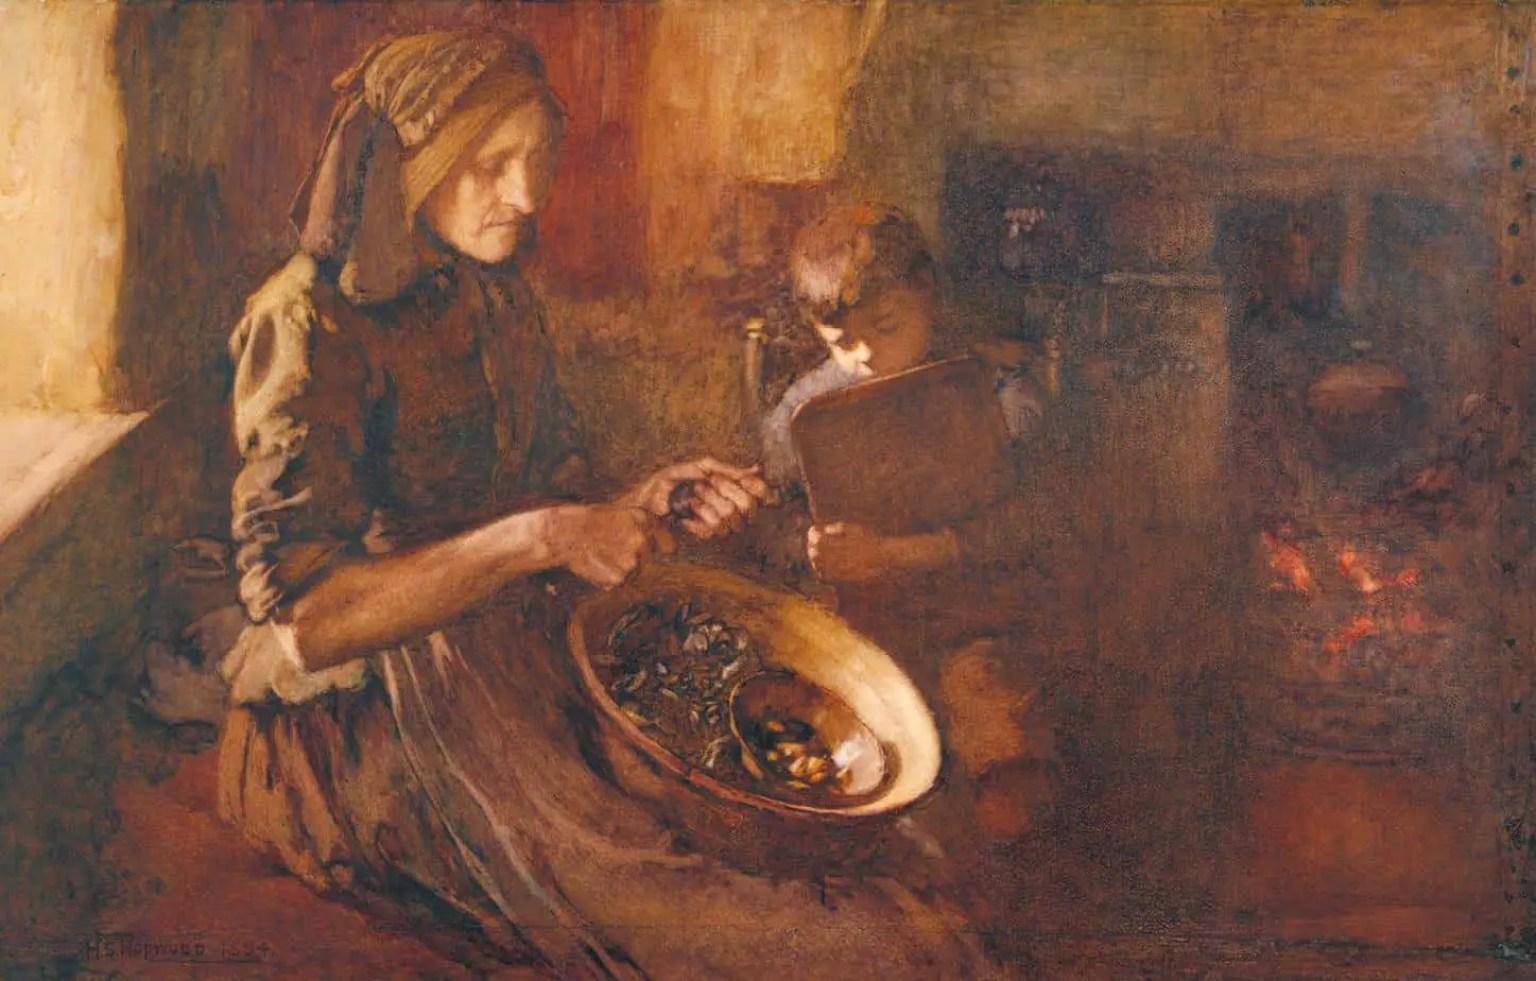 Industry 1894 by Henry Silkstone Hopwood 1860-1914